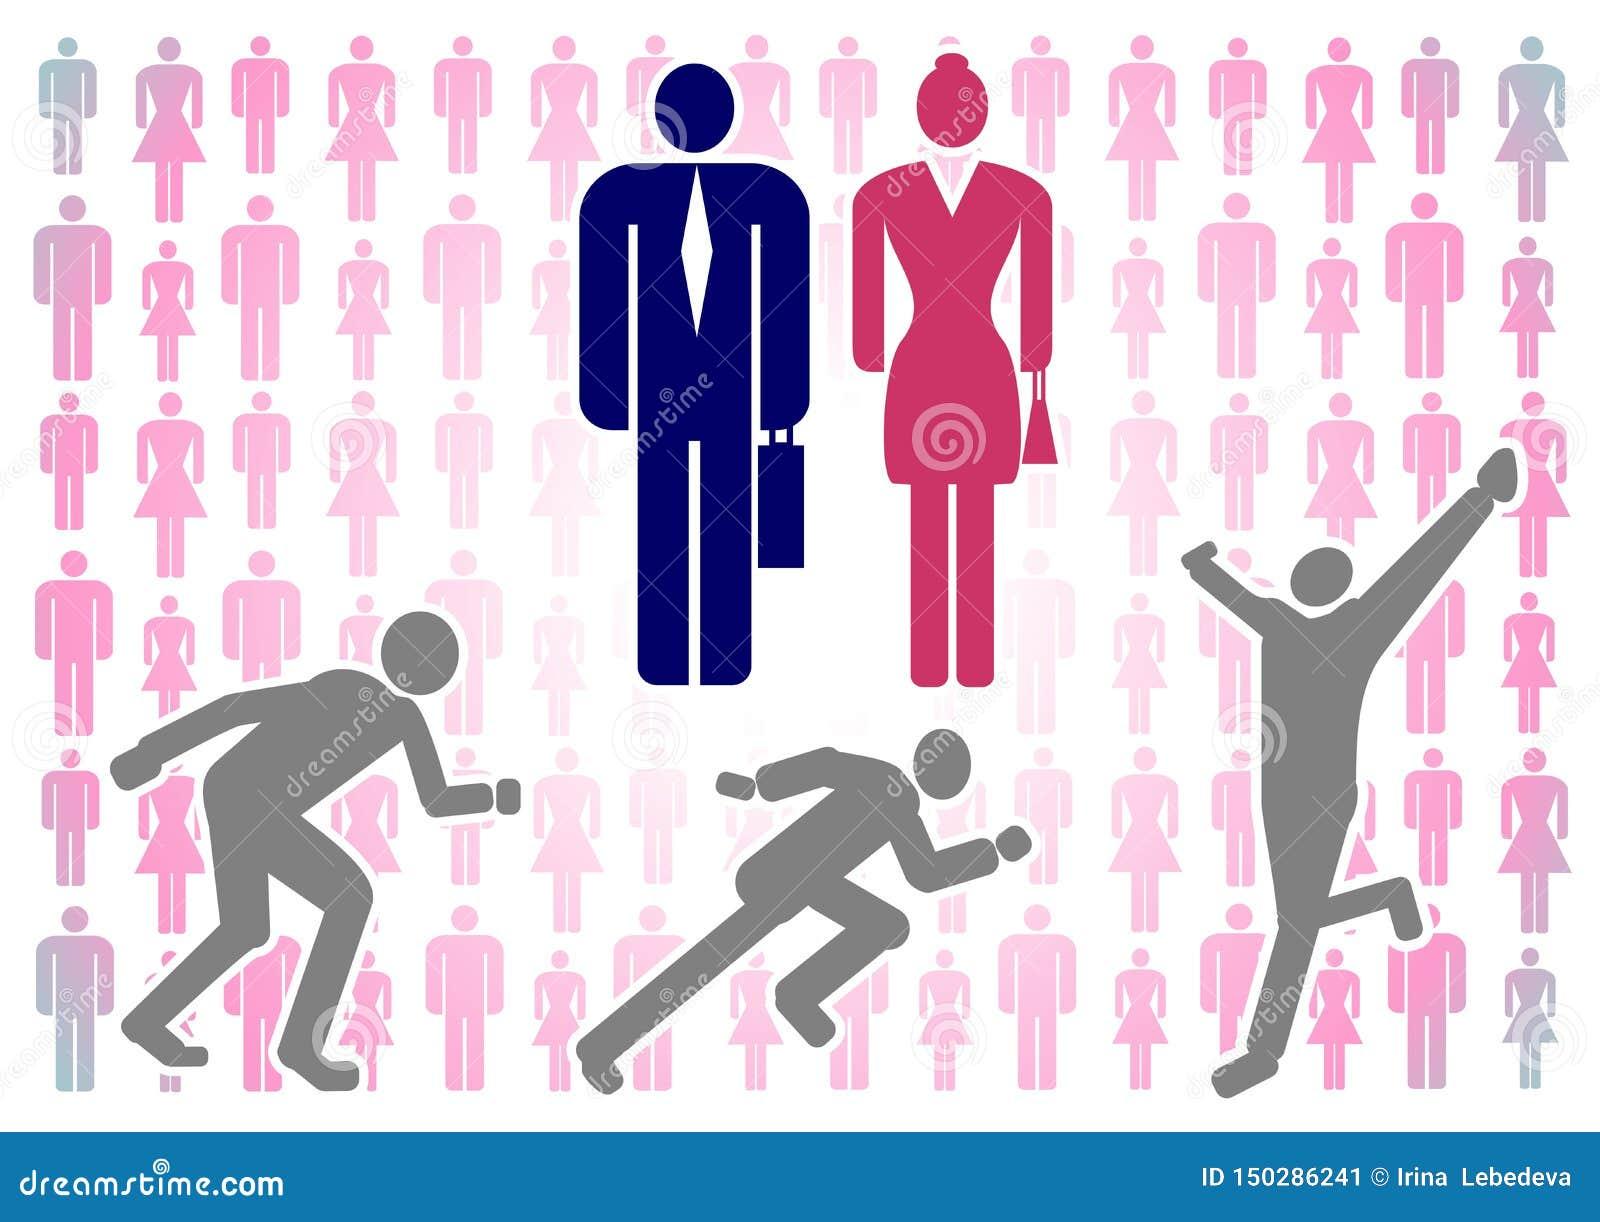 Διανυσματική απεικόνιση με τις ζωηρόχρωμες σκιαγραφίες των ανδρών και των γυναικών σε ένα άσπρο υπόβαθρο, καθώς επίσης και ο αριθ